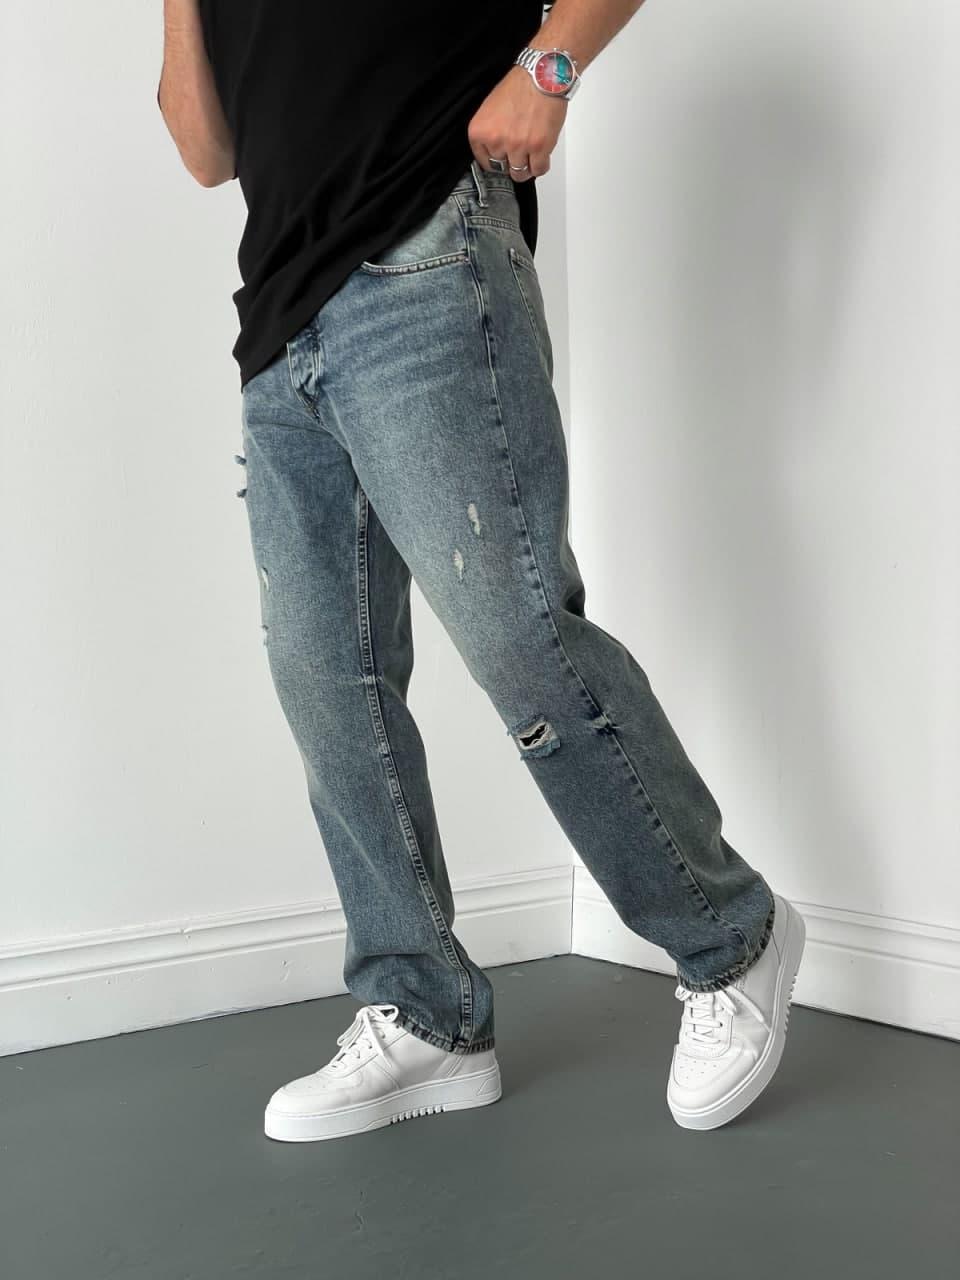 Джинси - Чоловічі джинси / чоловічі трендові джинси прямі класичні